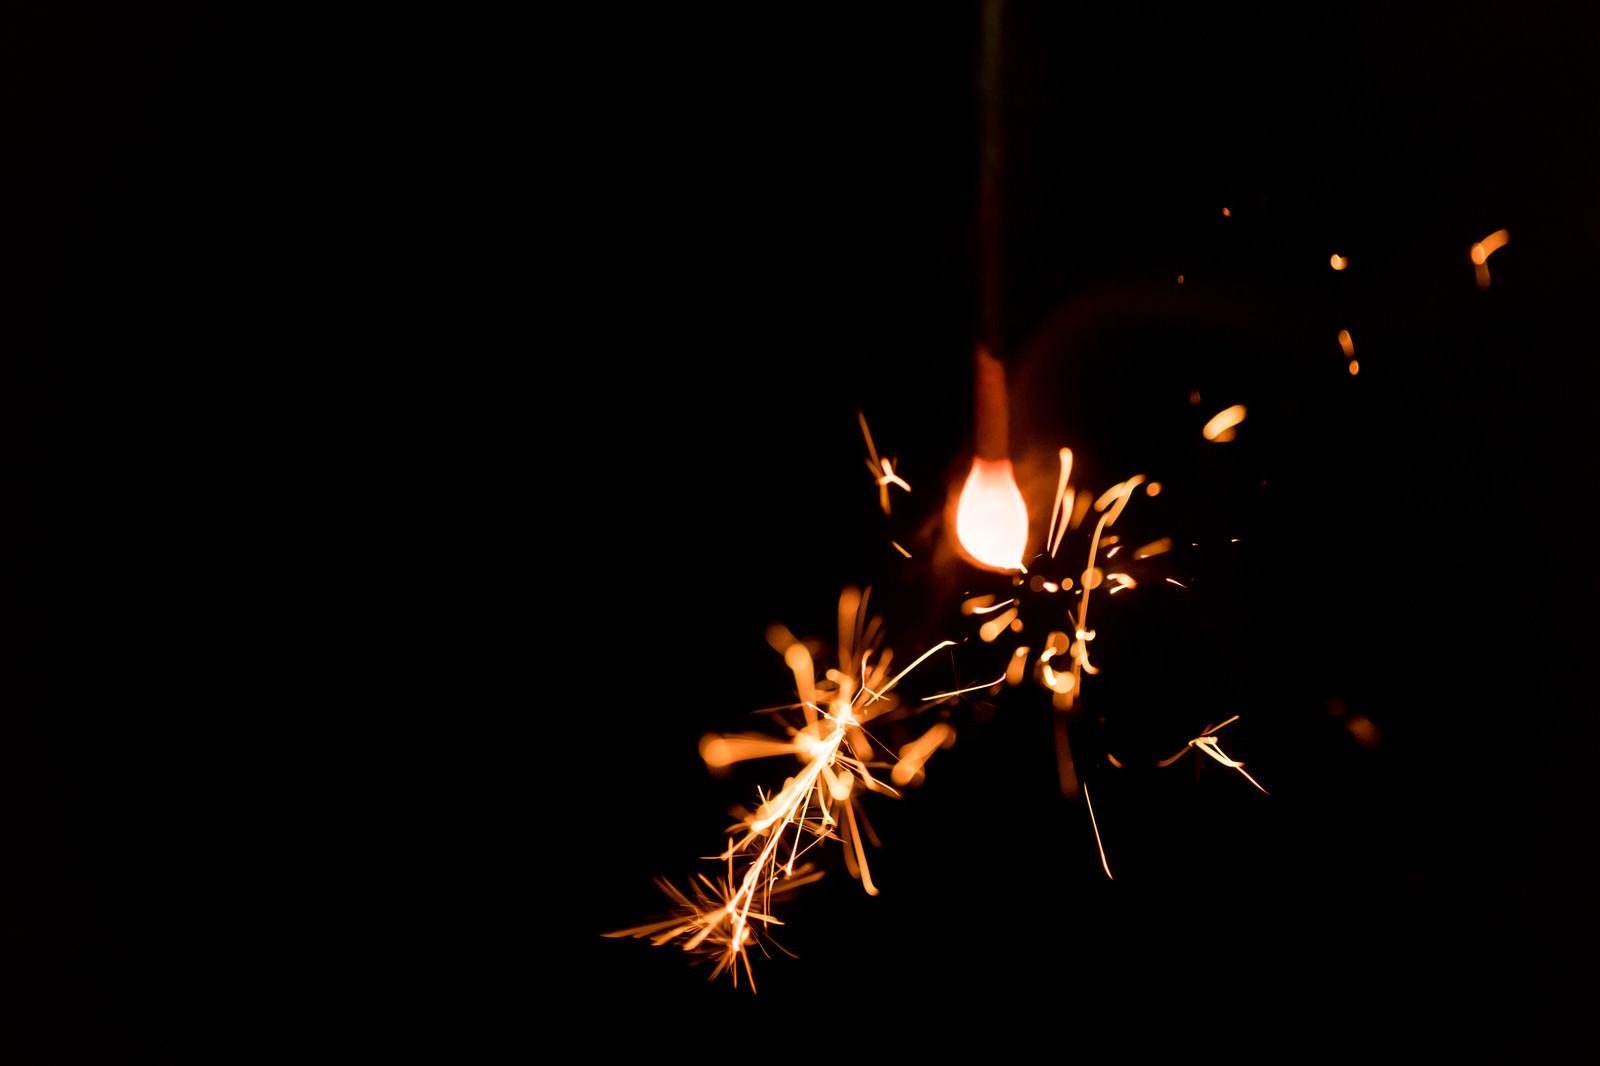 「飛び散る光(線香花火)」の写真